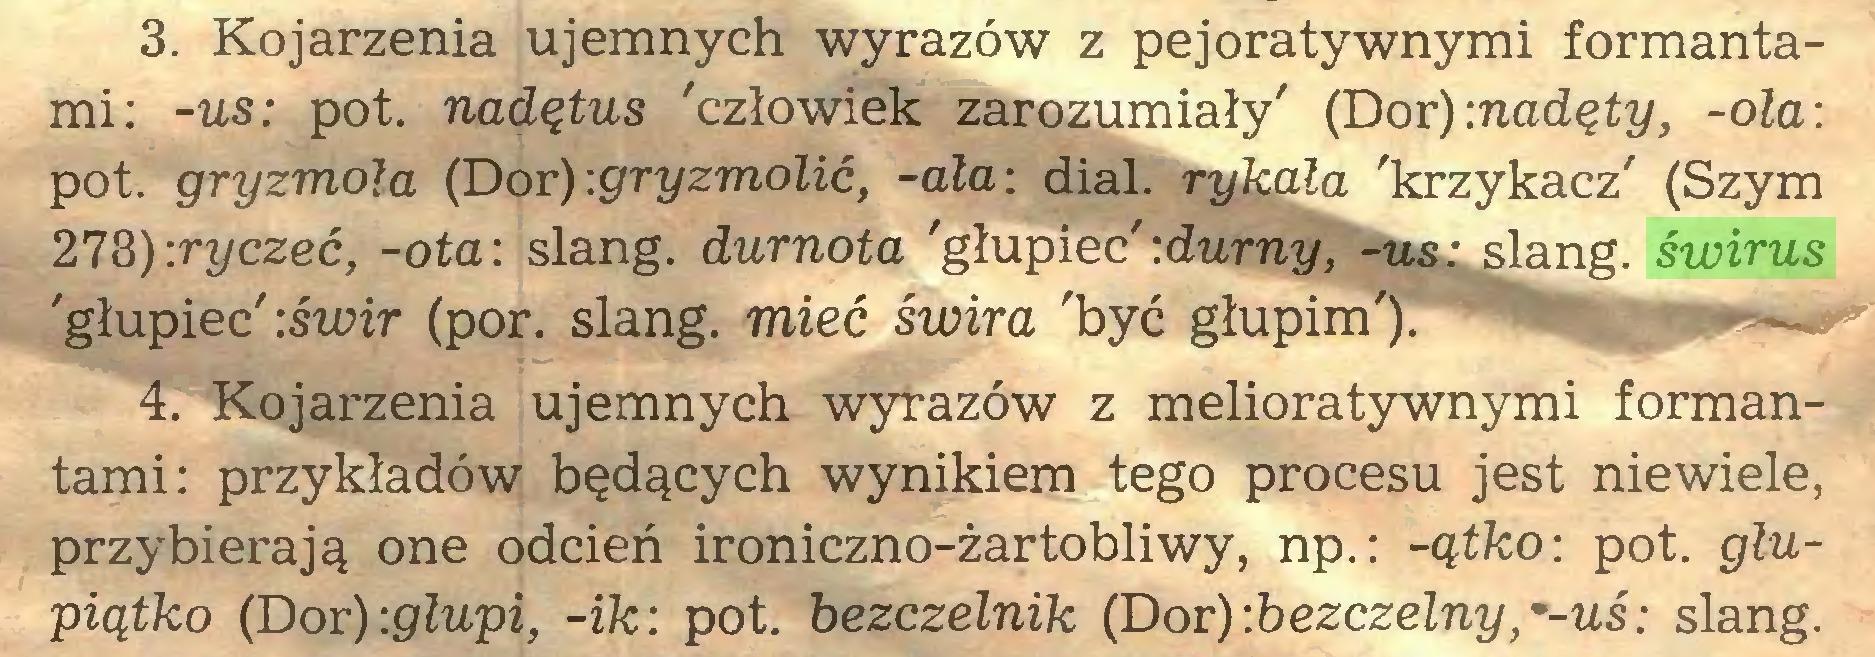 (...) 3. Kojarzenia ujemnych wyrazów z pejoratywnymi formantami: -us: pot. nadętus 'człowiek zarozumiały' (Dor) -.nadęty, -ola: pot. gryzmoła (Dor) :gryzmolić, -ała: dial, rykala 'krzykacz' (Szym 278):ryczeć, -ota: slang, durnota 'głupiec'-.durny, -us: slang, świrus 'głupiec' -.świr (por. slang, mieć świra 'być głupim').' 4. Kojarzenia ujemnych wyrazów z melioratywnymi formantami: przykładów będących wynikiem tego procesu jest niewiele, przybierają one odcień ironiczno-żartobliwy, np.: -ątko: pot. glupiątko (Dor)-.głupi, -ik: pot. bezczelnik (Dor)-.bezczelny,*-uś: slang...